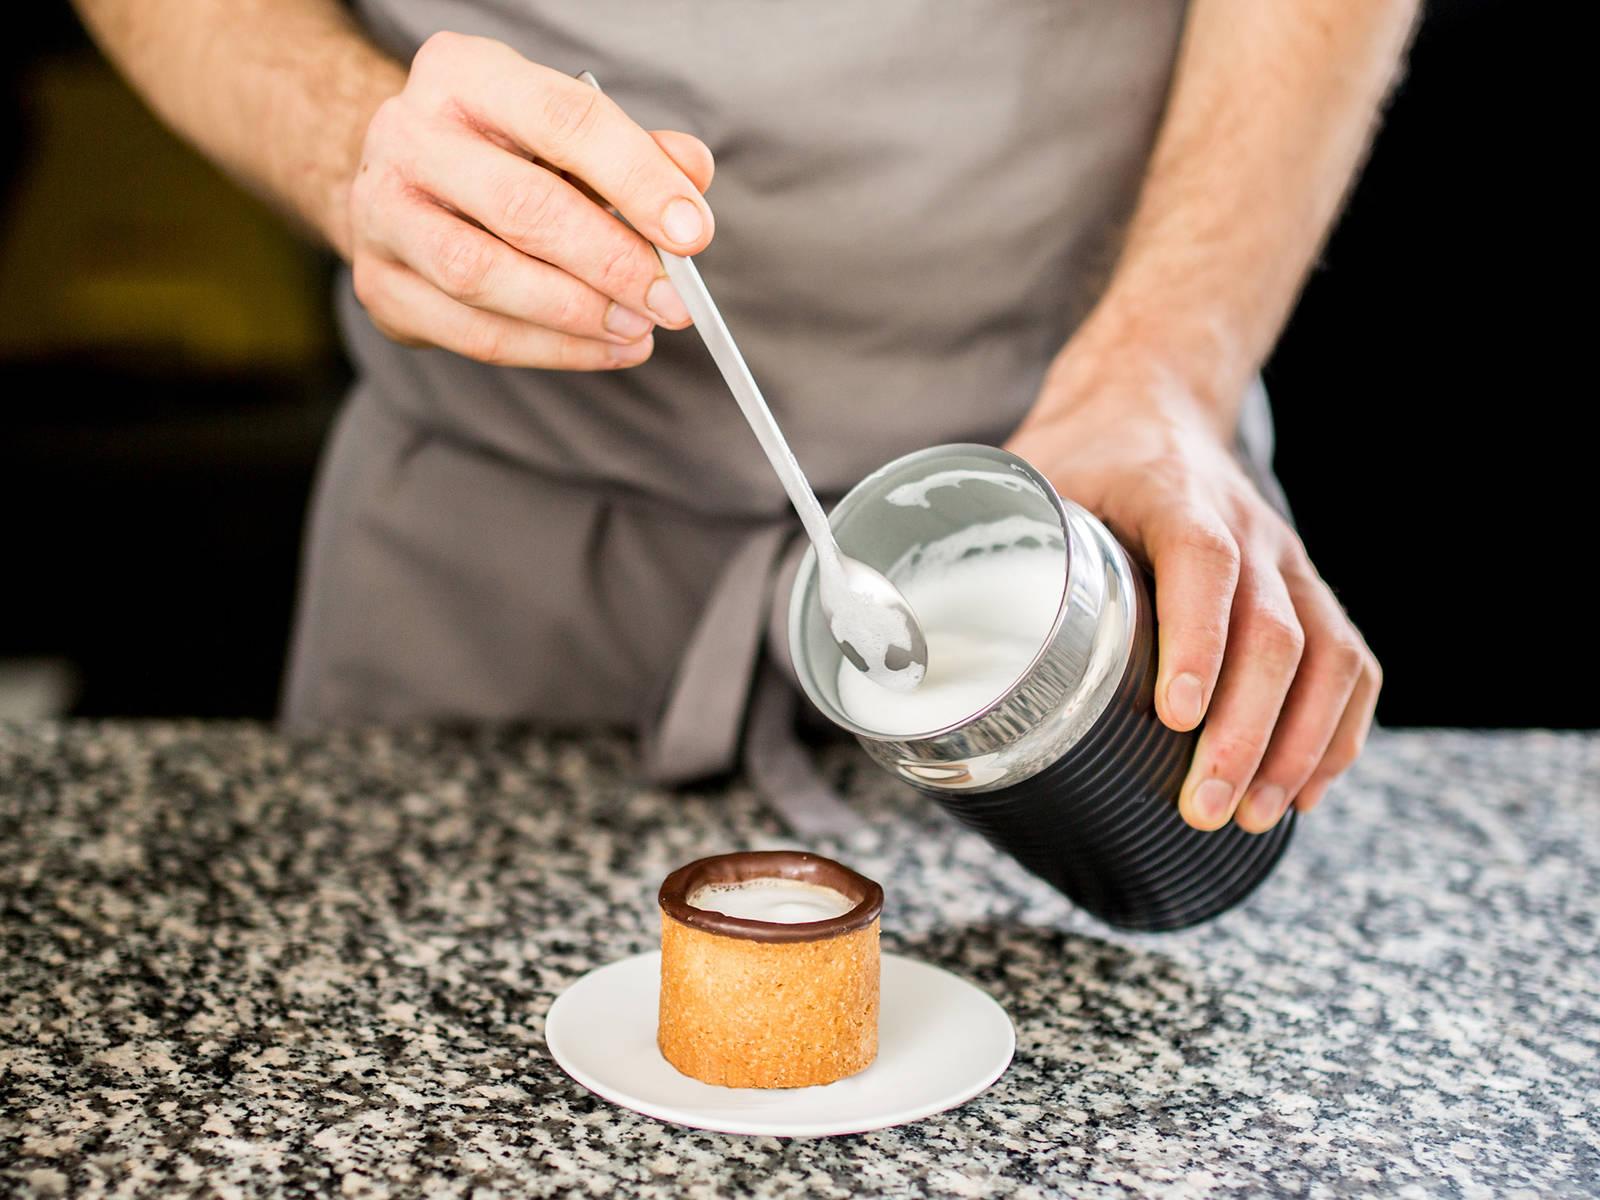 一旦巧克力稳定成型,就可以往杯子里倒咖啡了。如果你喜欢,还可以加上奶泡。尽情享用吧!